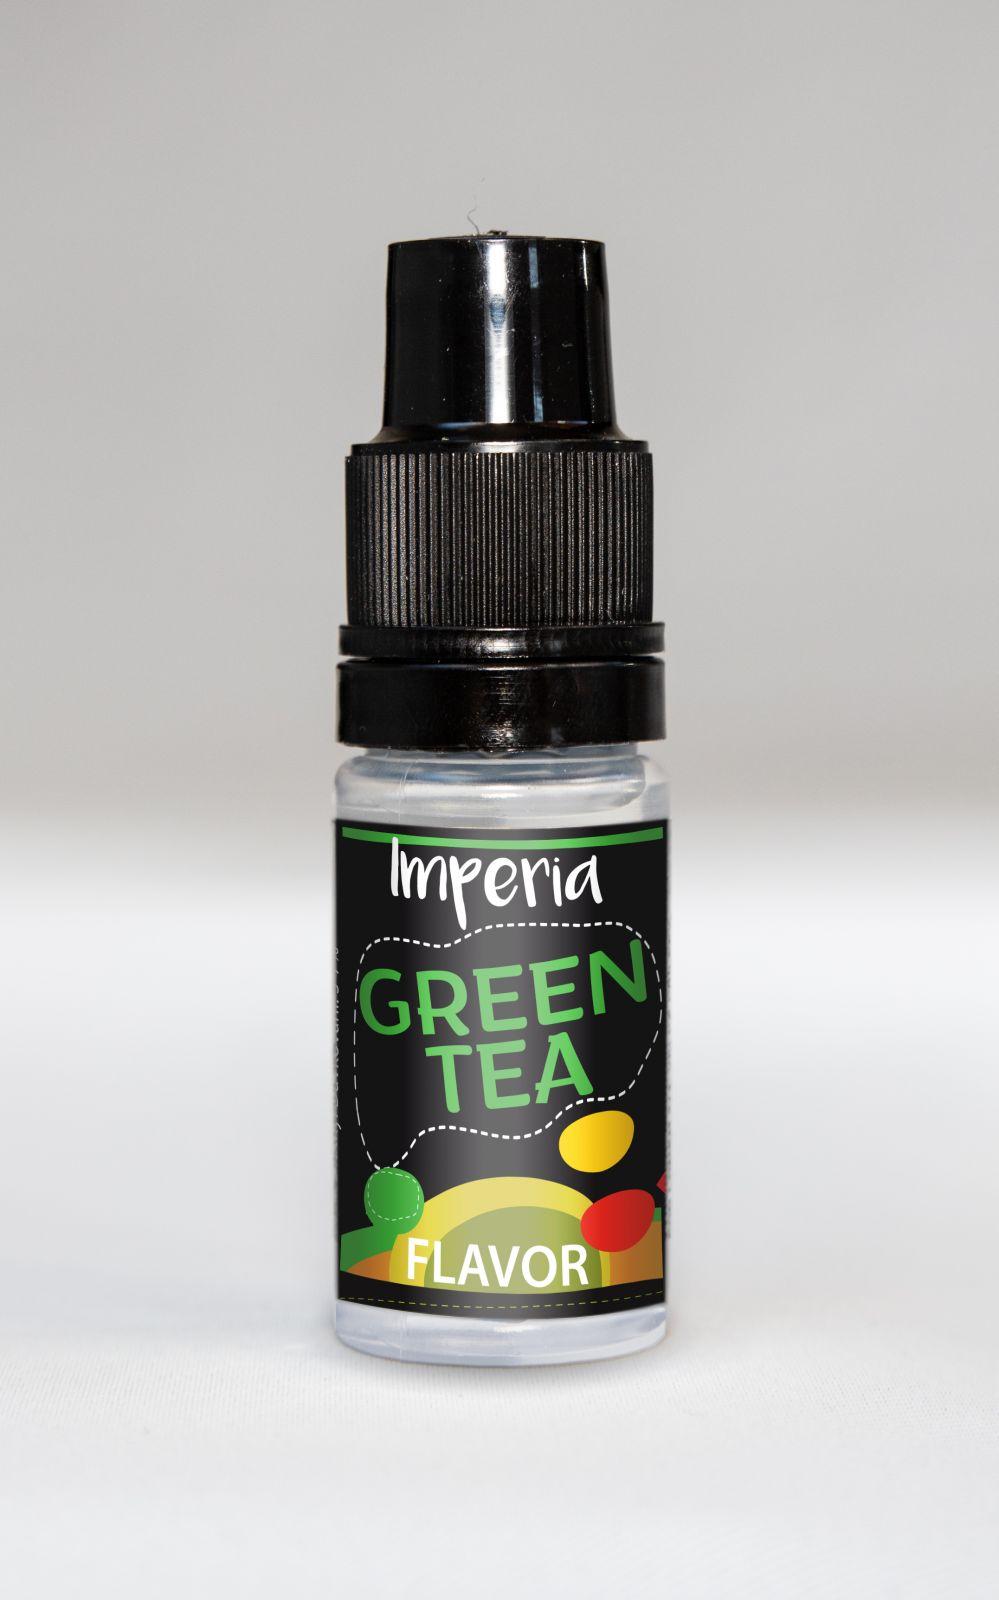 GREEN TEA / Zelený čaj - Aroma Imperia Black Label Boudoir Samadhi s.r.o.